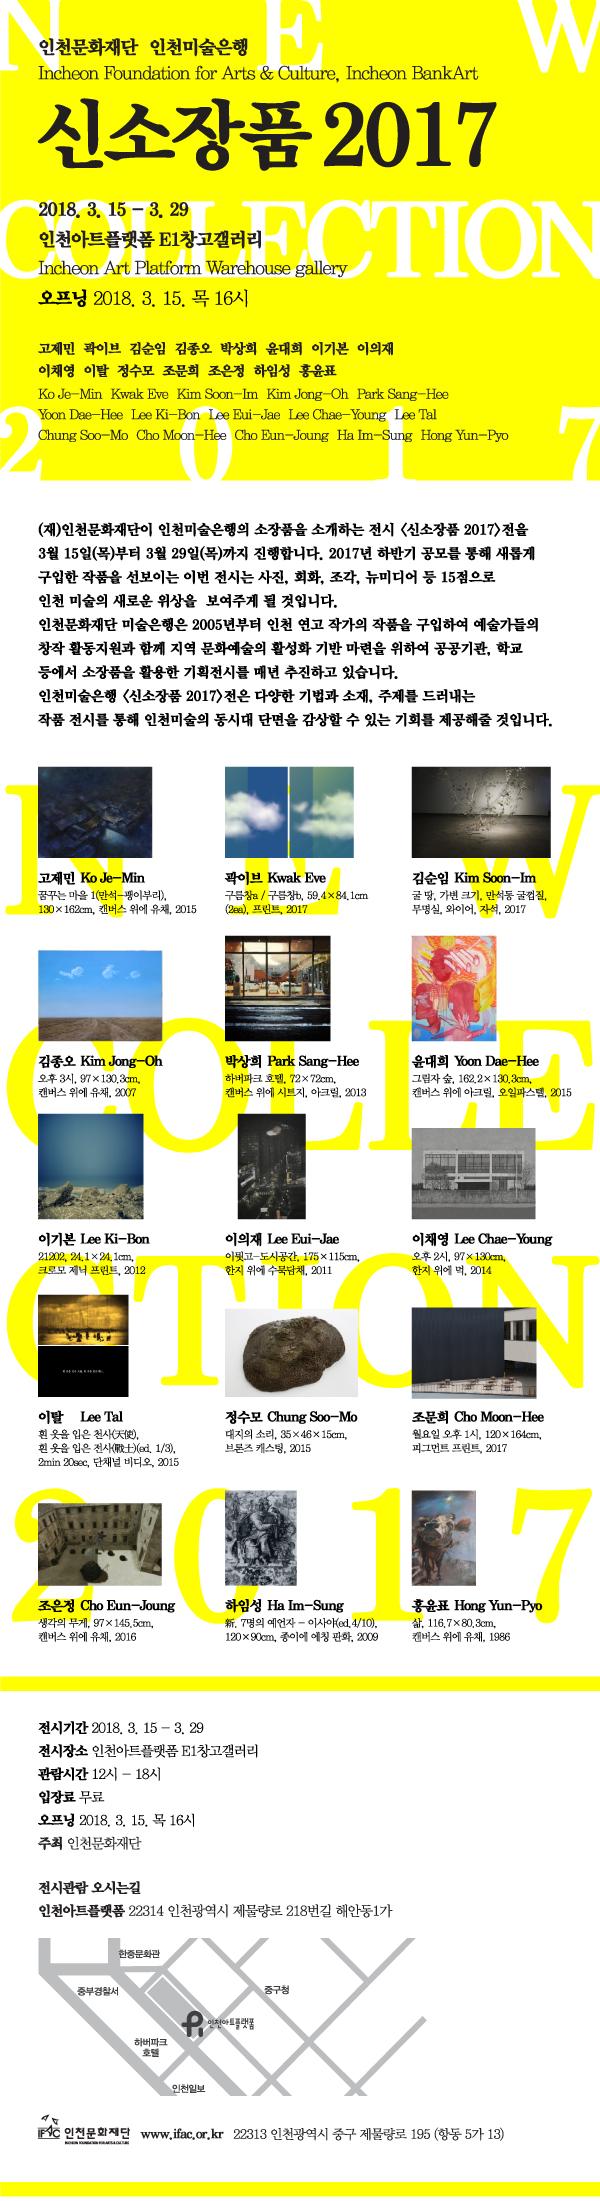 웹18인천문화재단-신소장품2017-웹플라잉.jpg